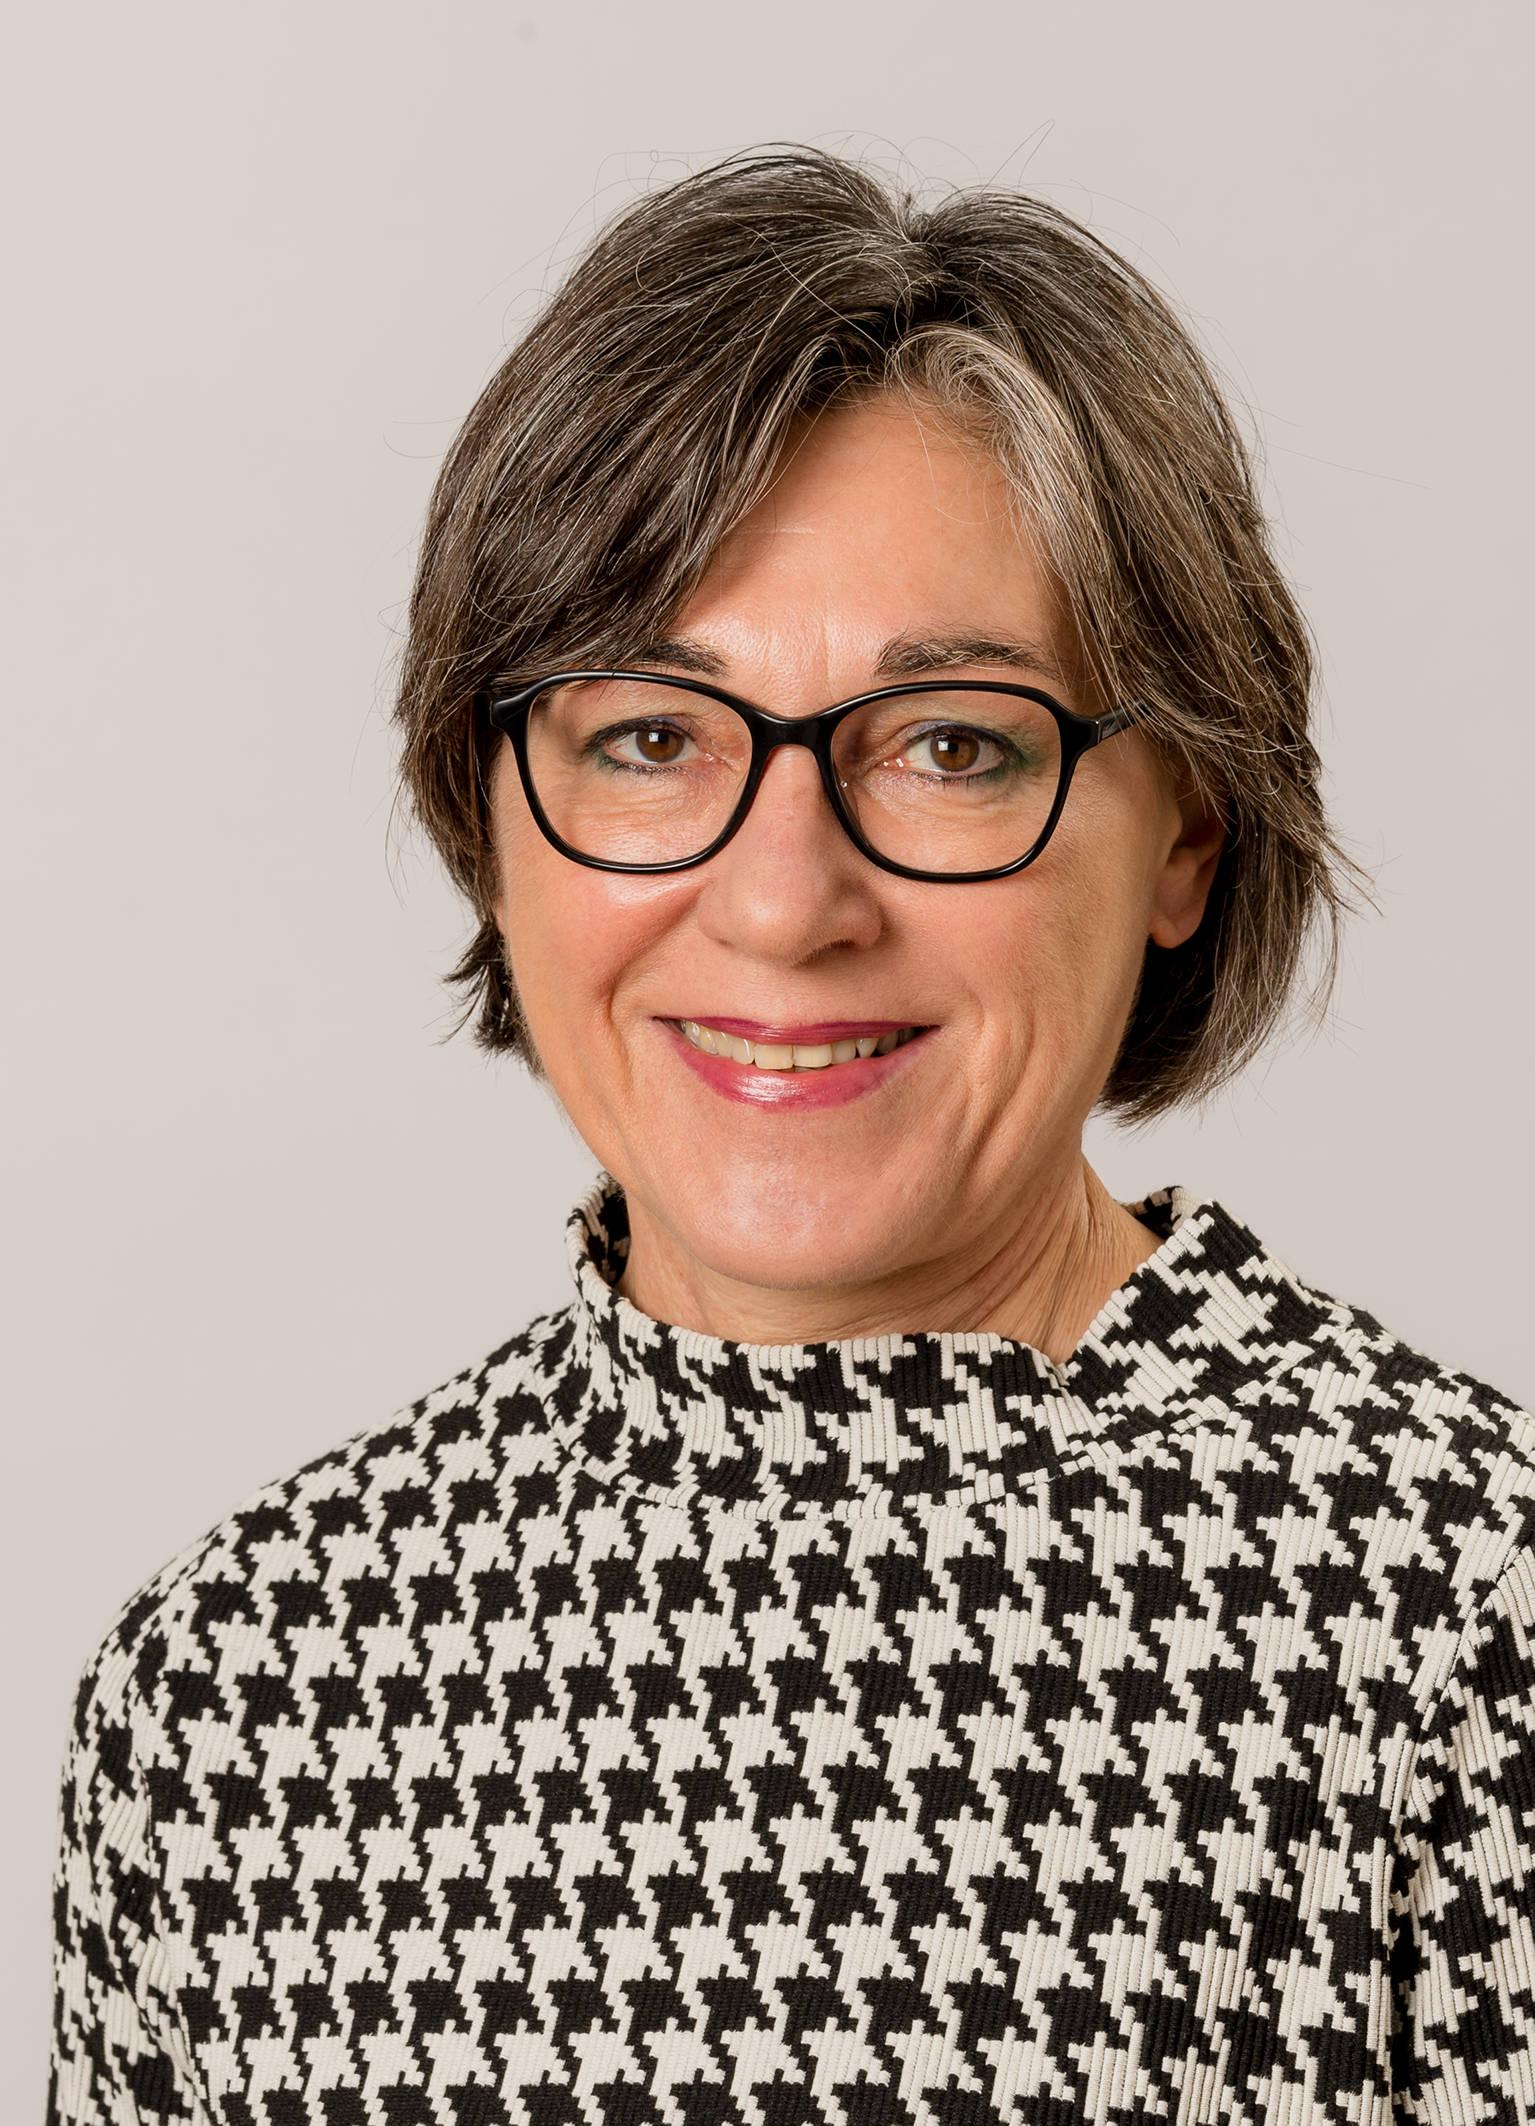 Elisabeth Meinhardt